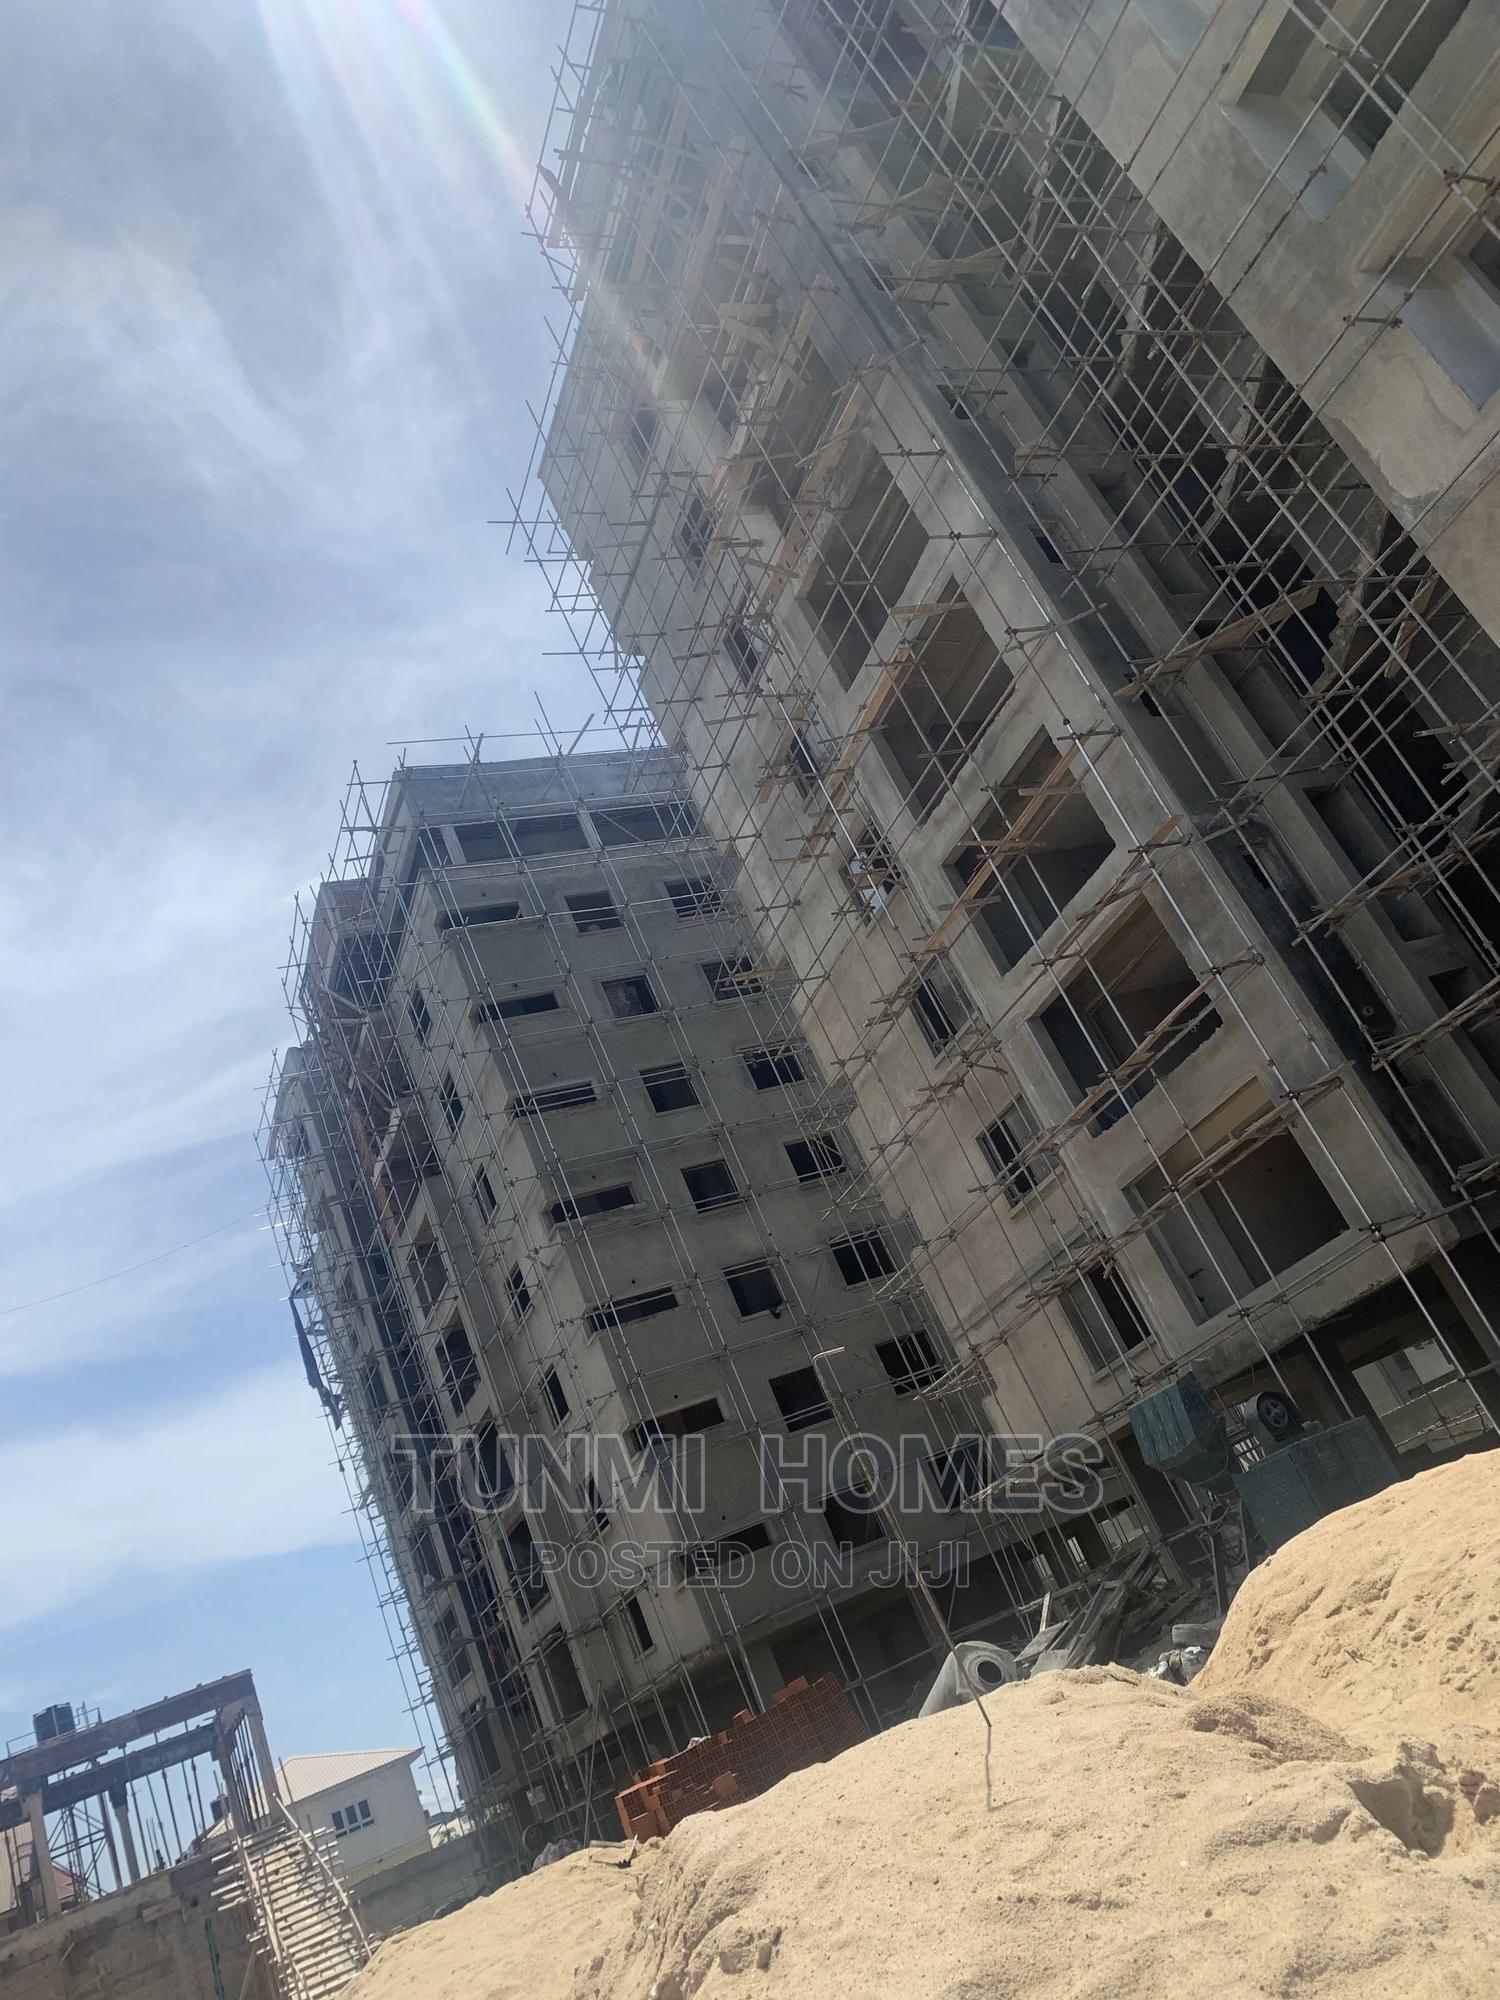 3 Bedrooms Block of Flats for Sale in Beach Road, Lekki